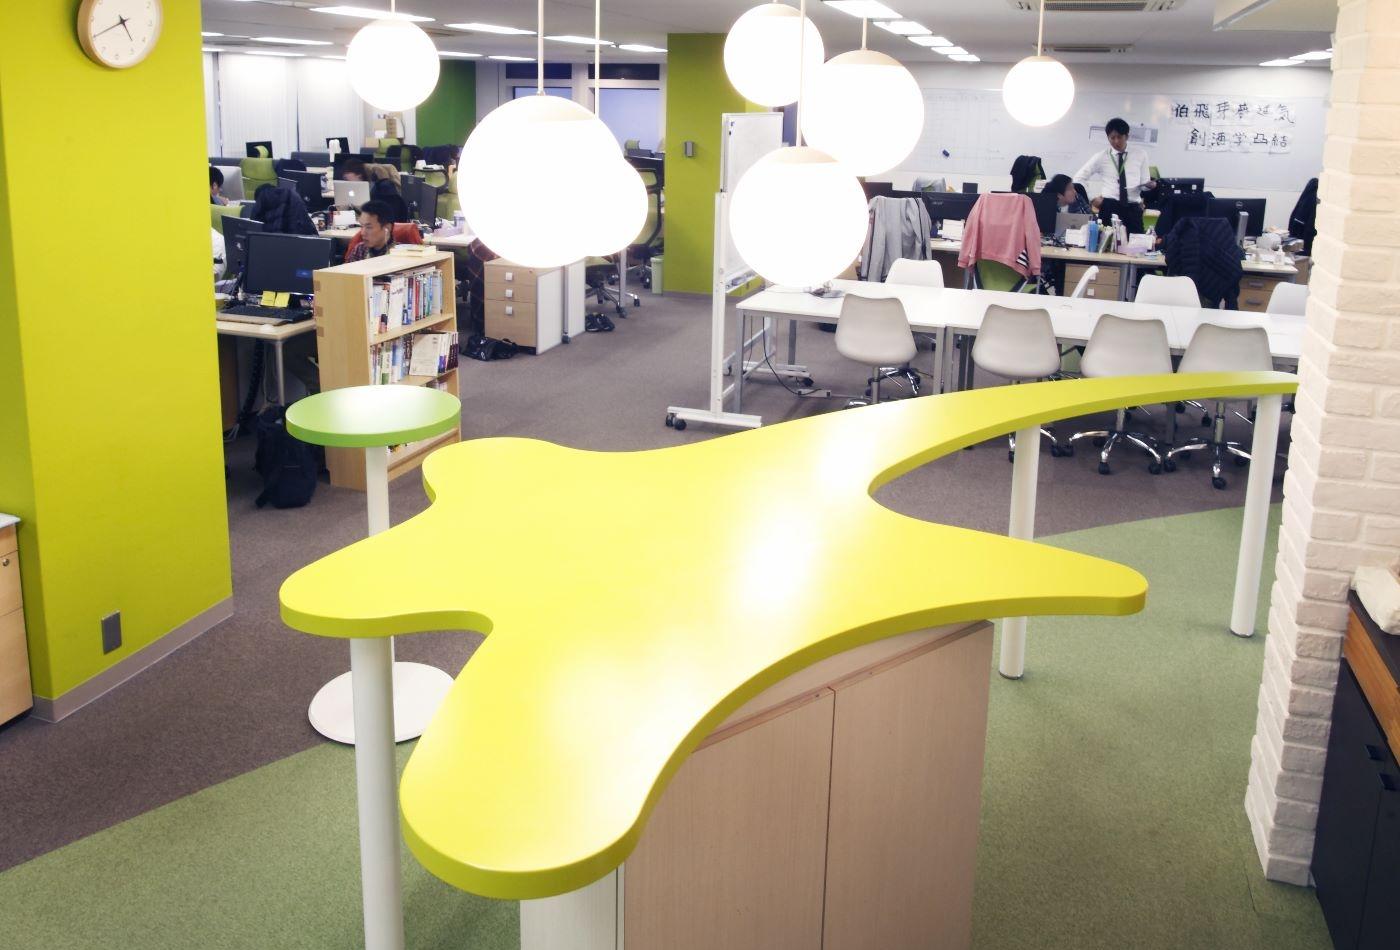 【アットホームな社風!】上場企業と同じ綺麗なオフィスで、少数精鋭で働ける!